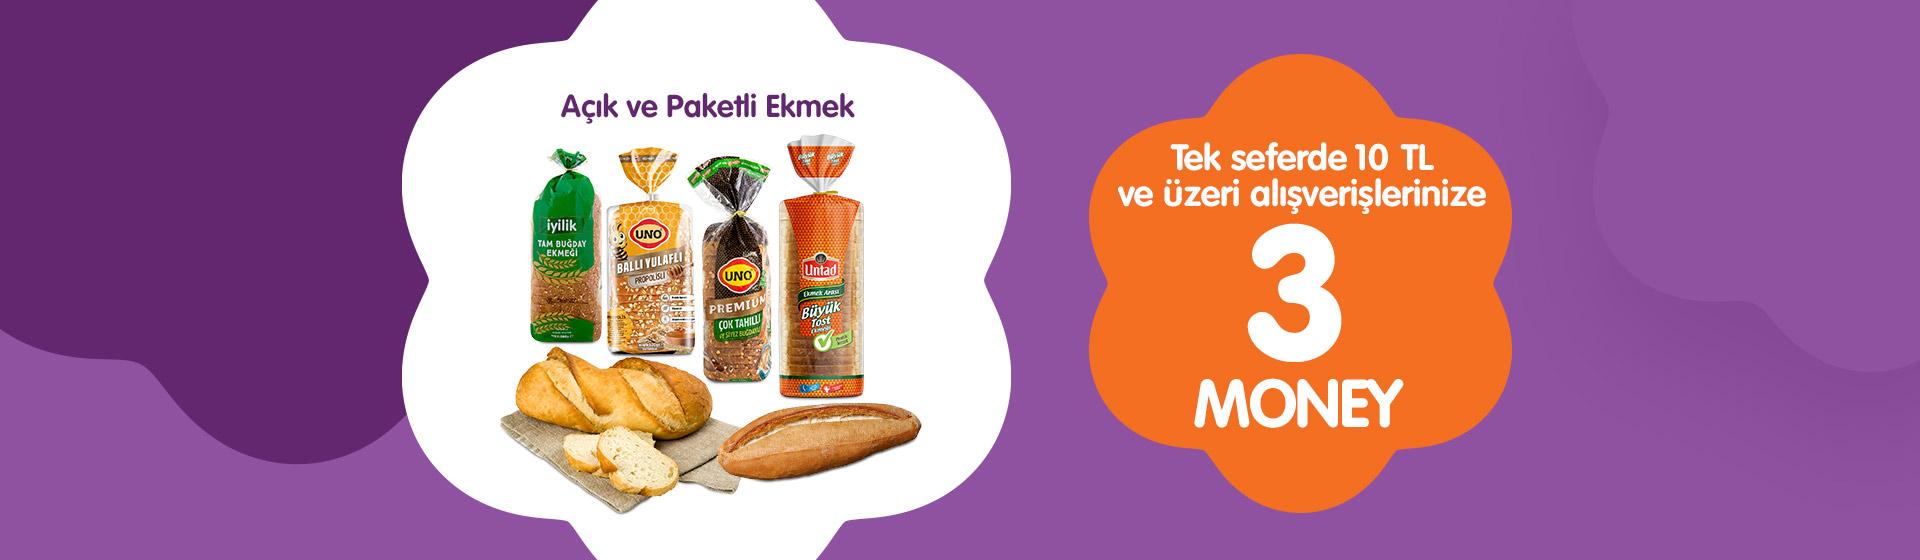 Açık ve Paketli Ekmek Money Kampanyası